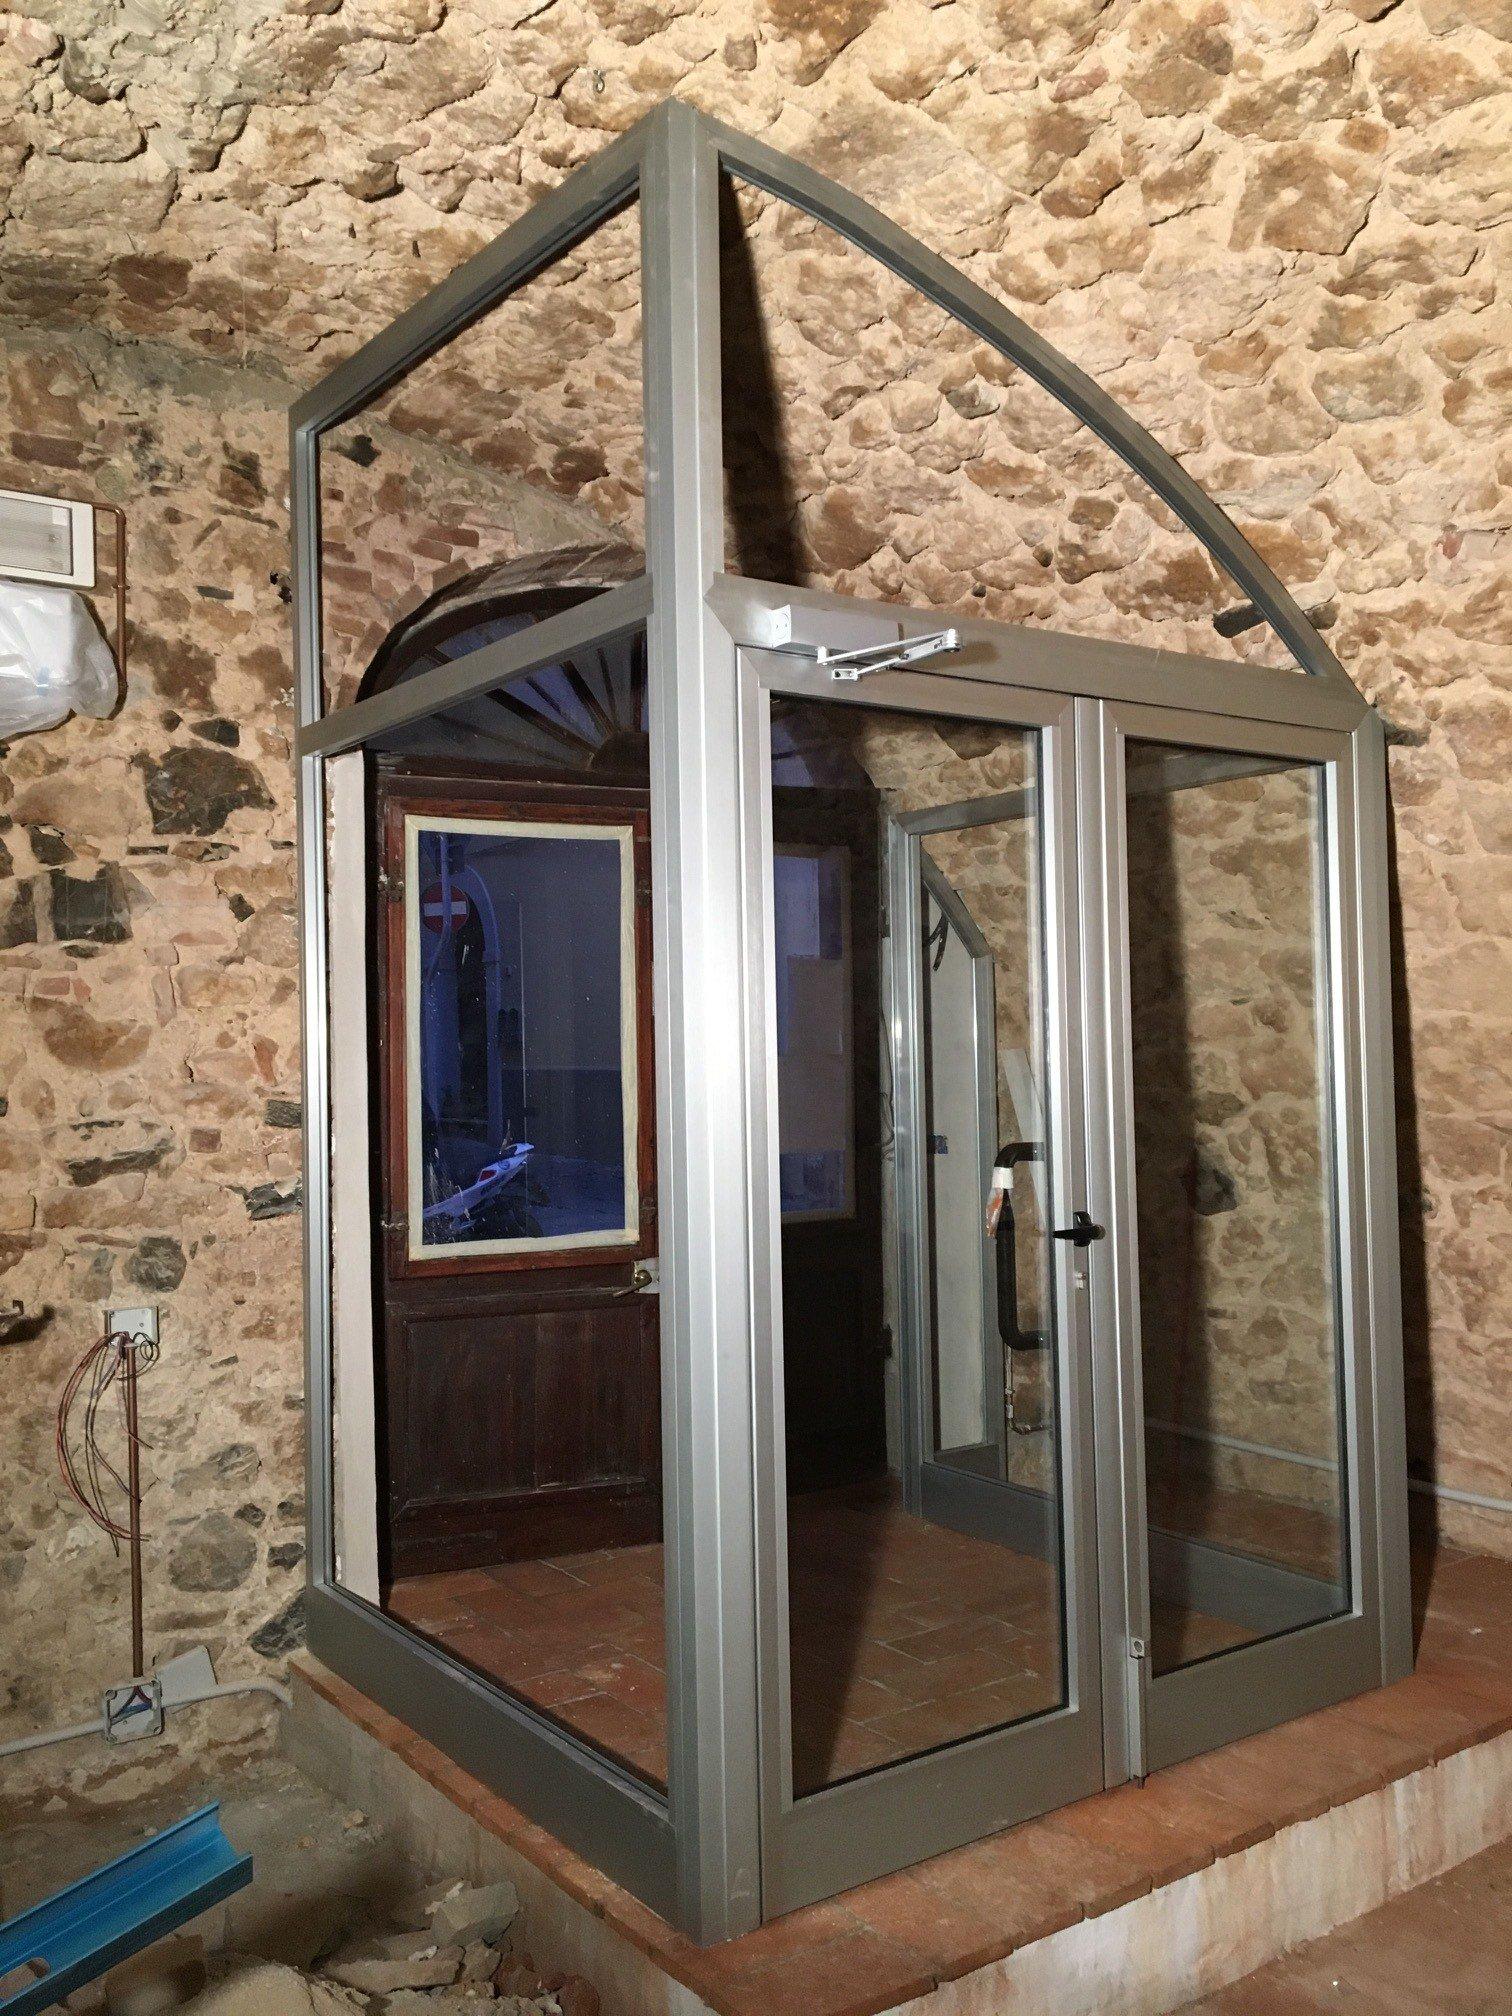 Realizzazione di finestre su misura follonica seam for Finestre su misura bricoman